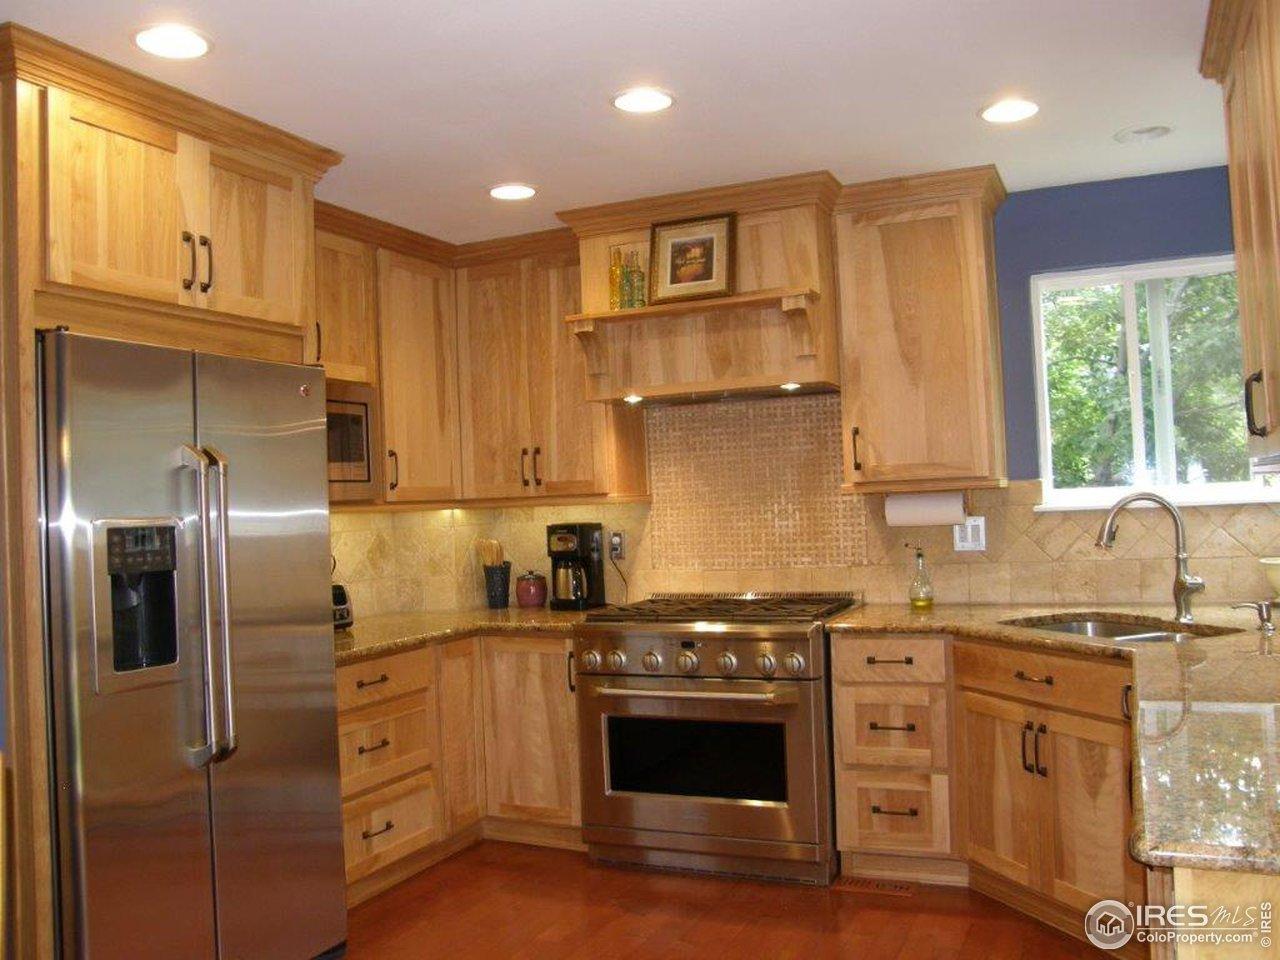 Alder cabinets w/ 42